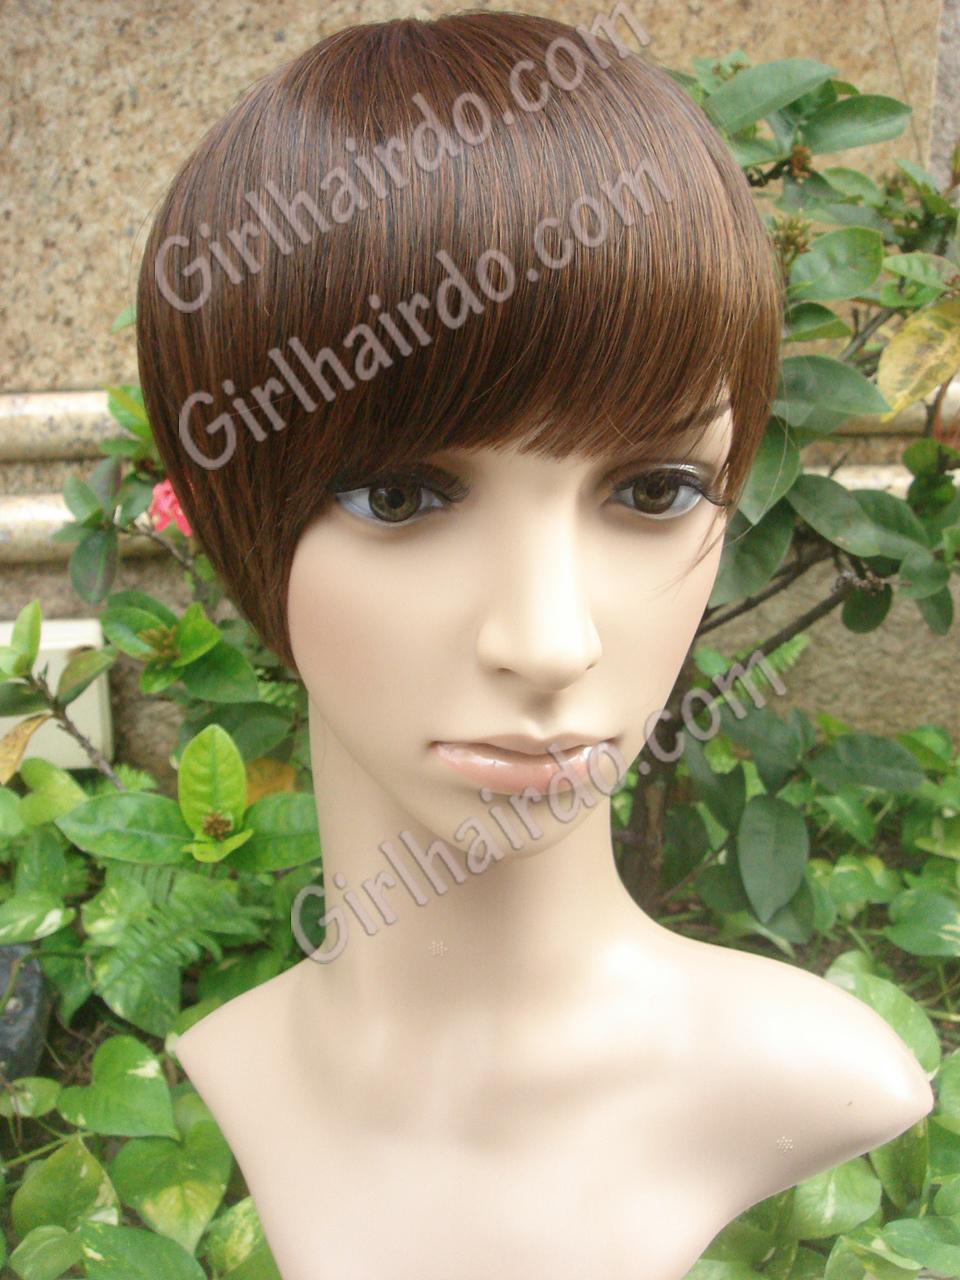 http://www.girlhairdo.com/product_images/uploaded_images/0027w2230.jpg